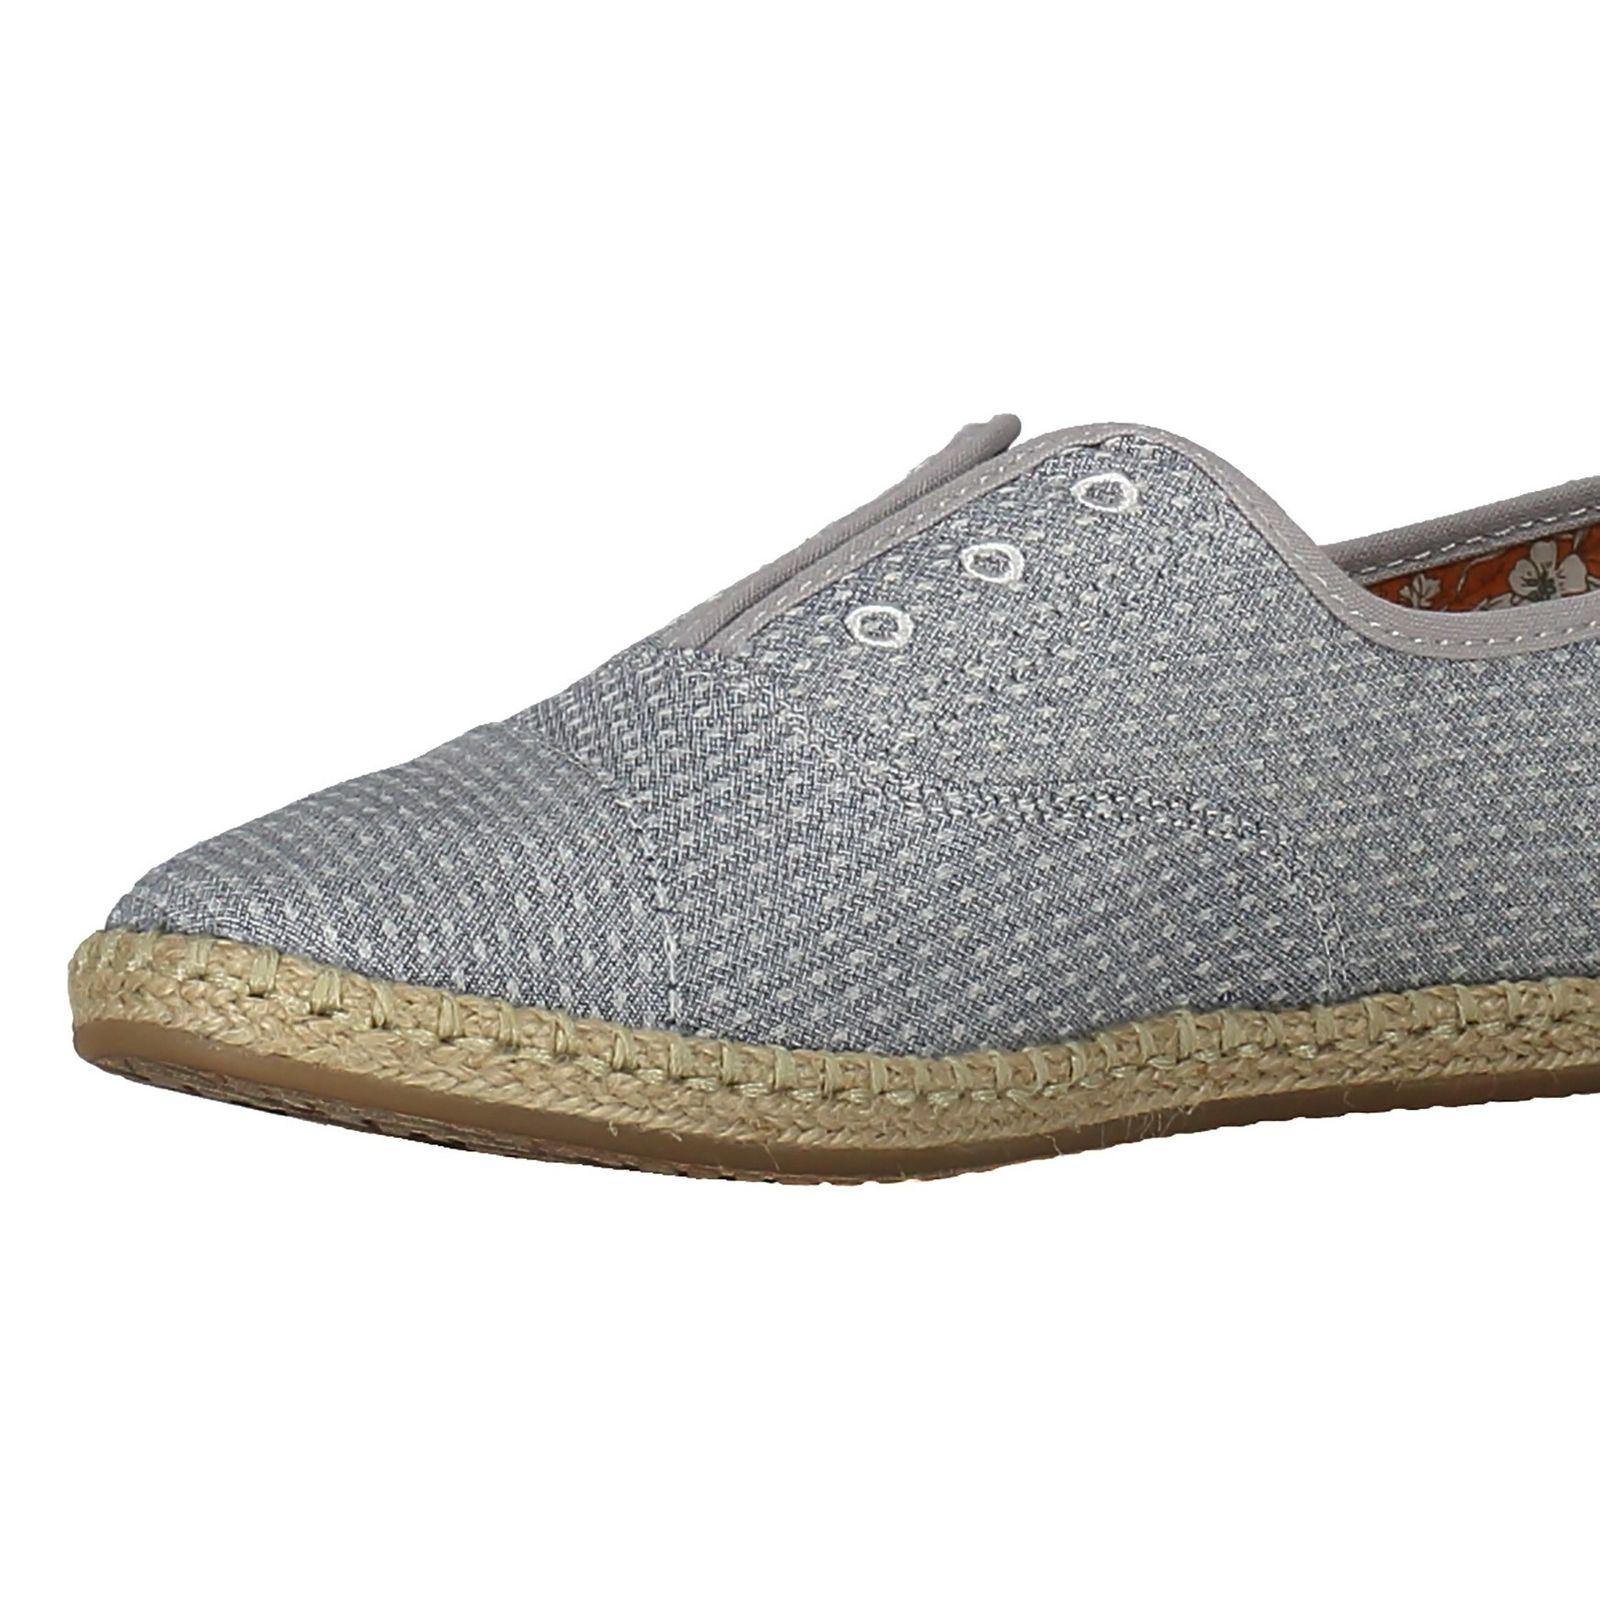 کفش تخت پارچه ای زنانه - تامز - آبي - 6